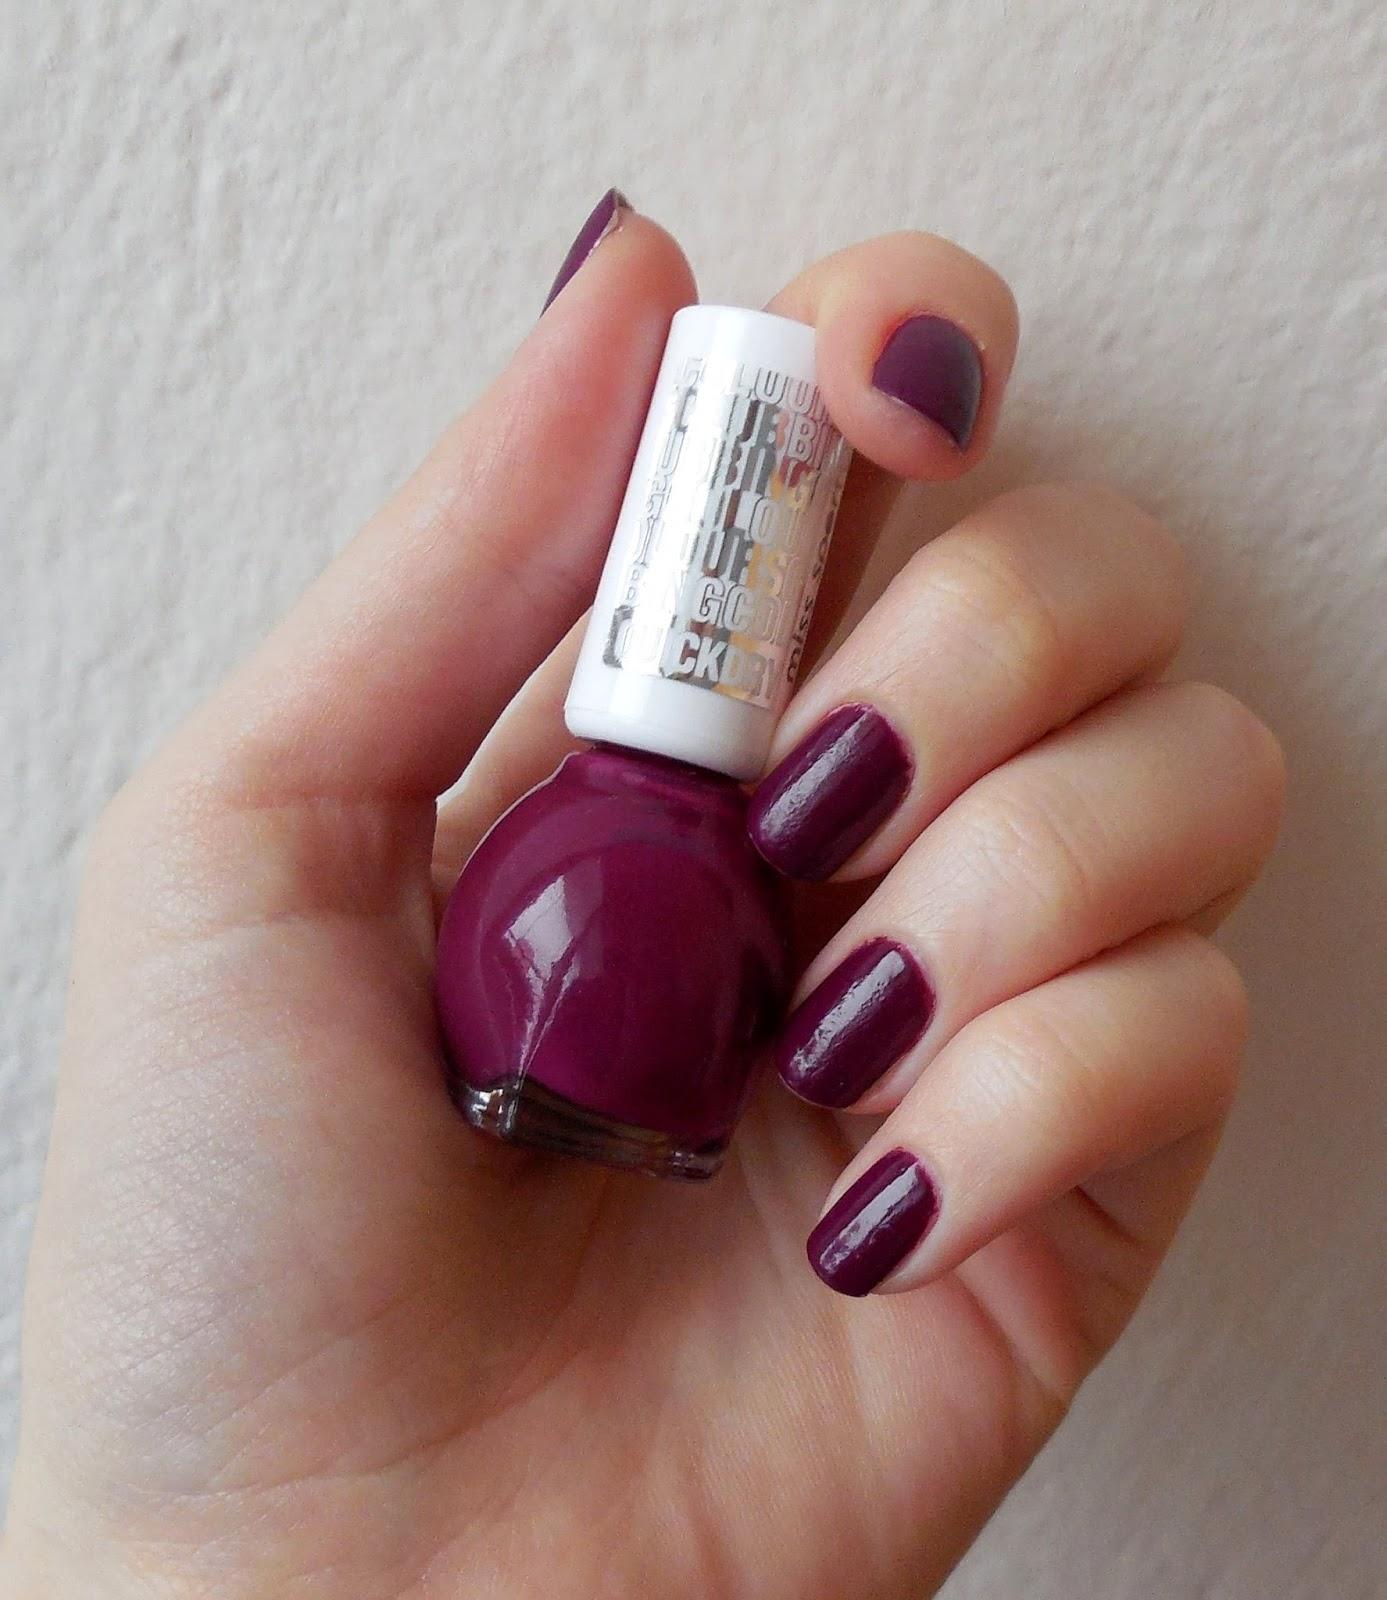 Kosmetika Recenze Blog Blogspot Cz Lak Na Nehty Od Miss Sporty